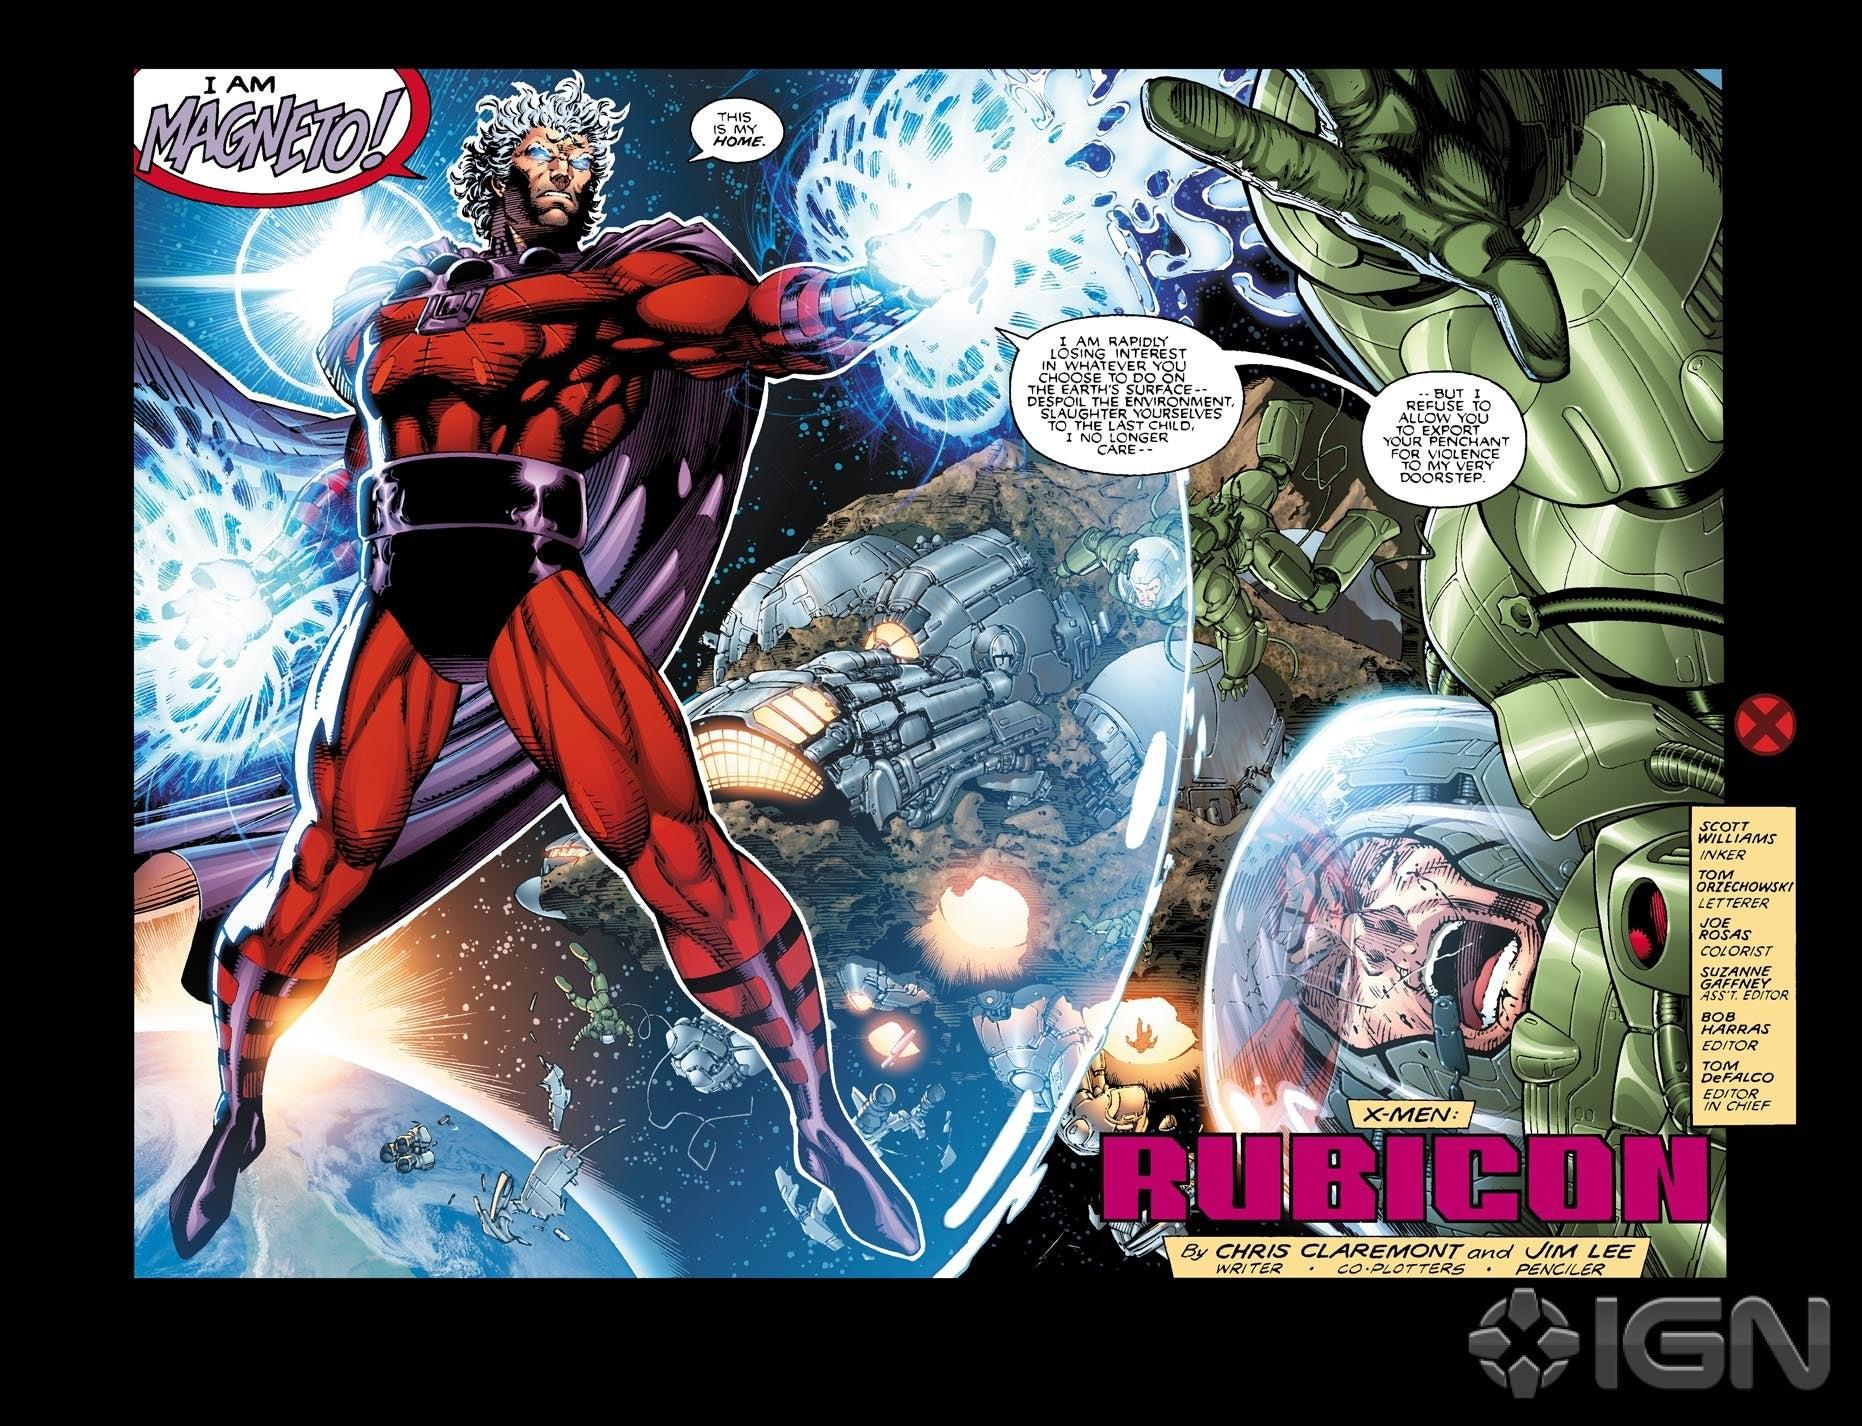 Imagen de X-Men #1 Vol. 2 Interior cortesía de IGN